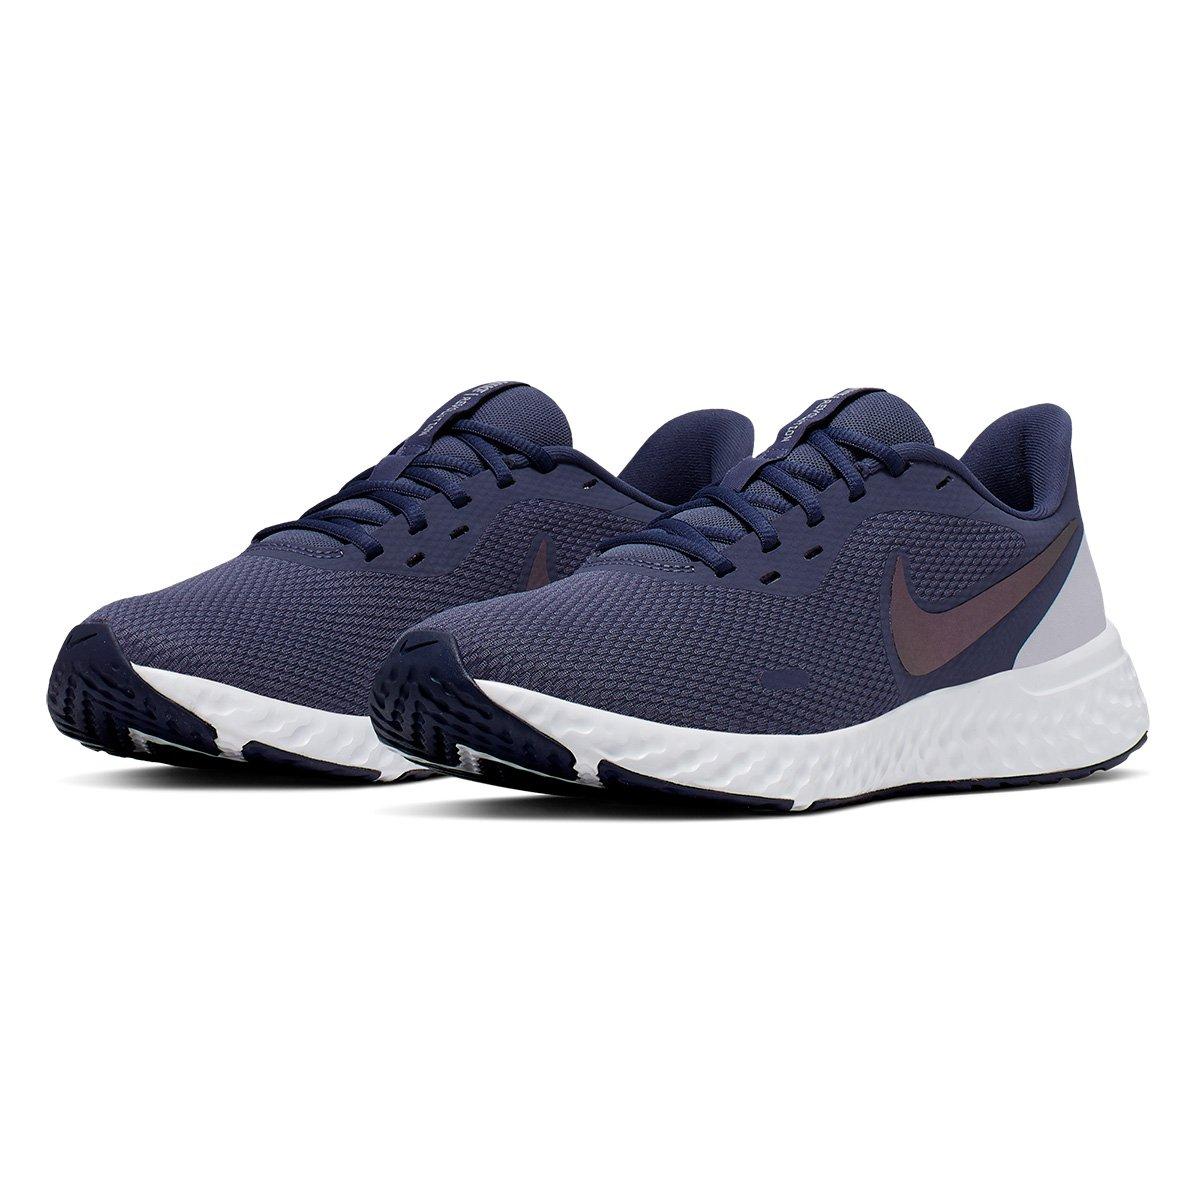 Tênis Nike Revolution 5 Feminino - Tam: 35